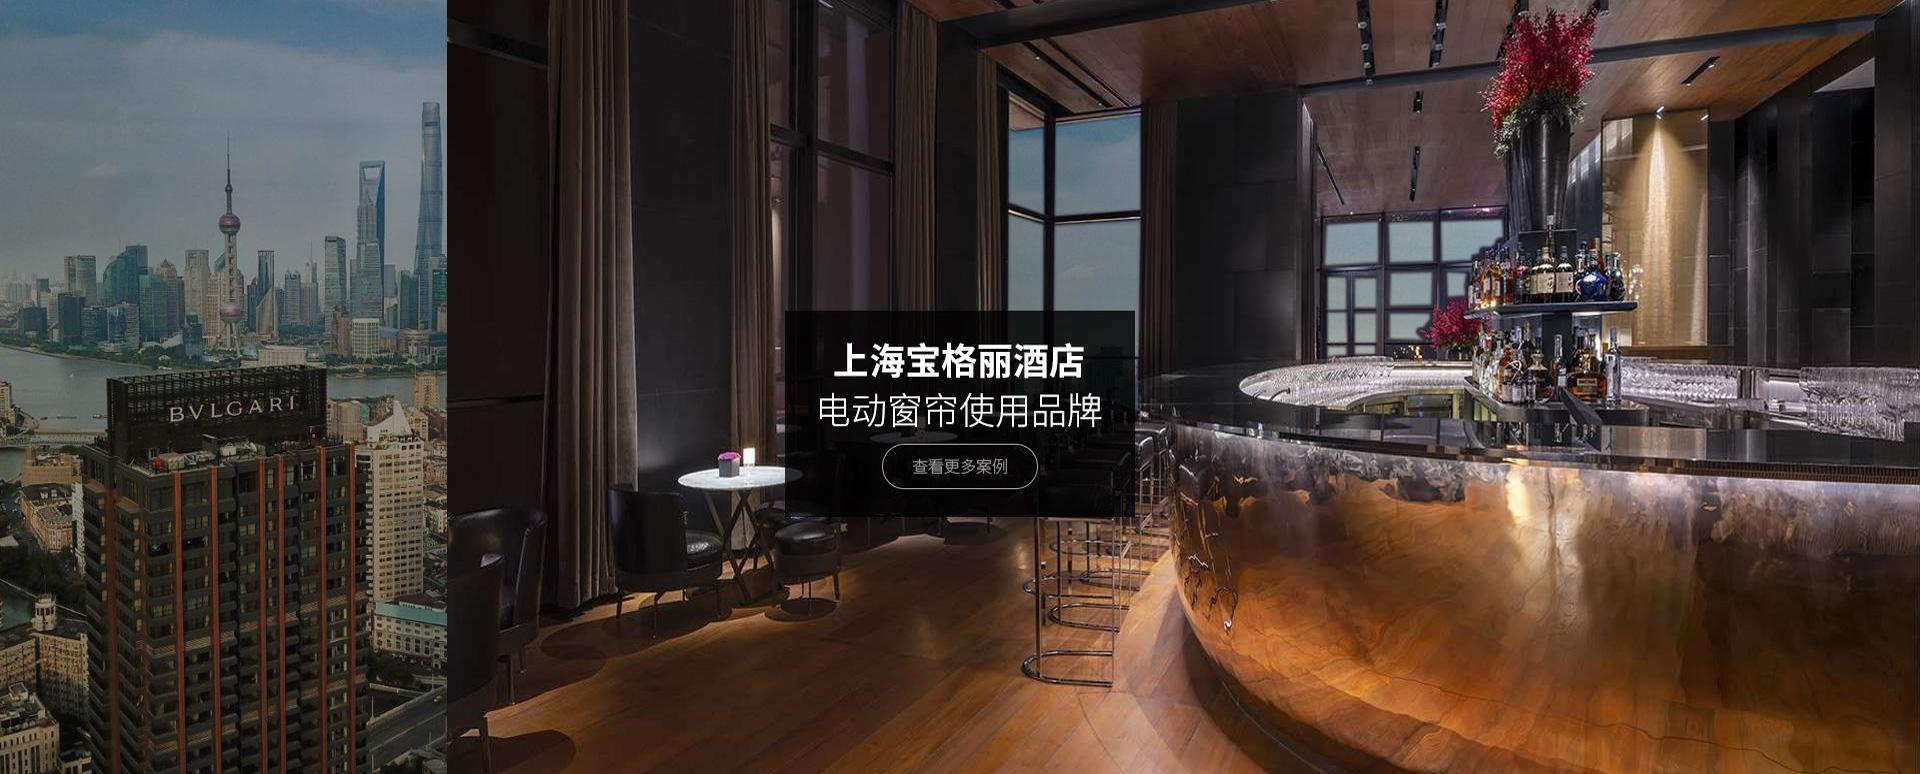 上海宝格丽指定电动窗帘品牌